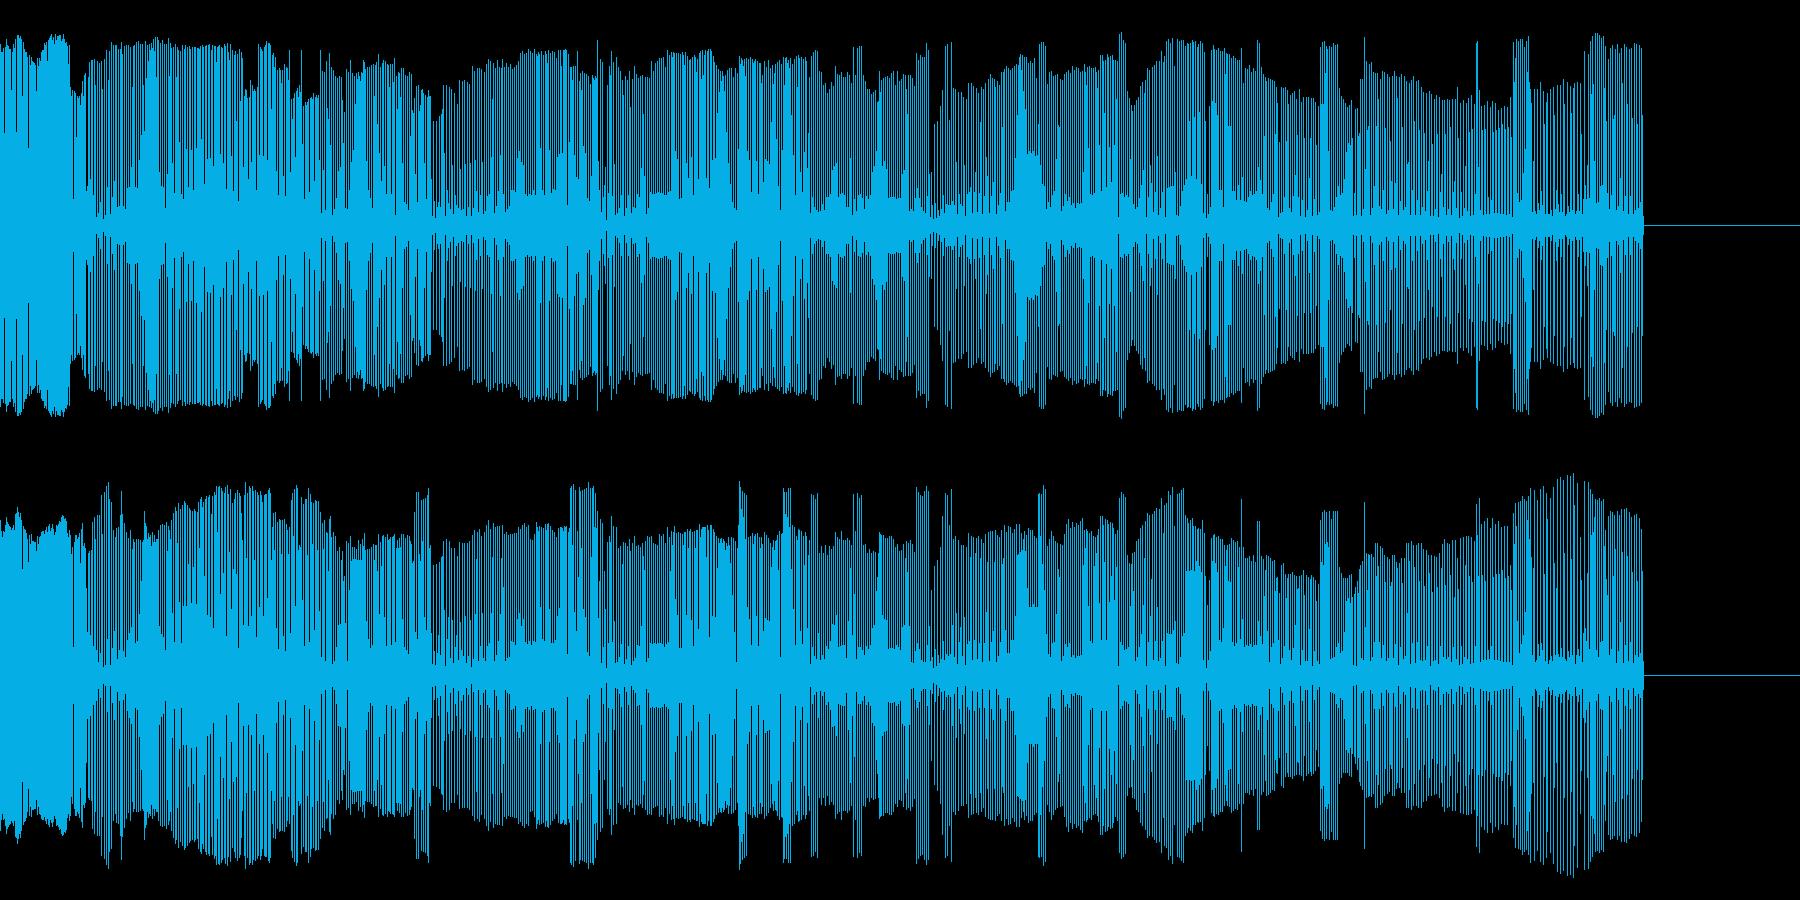 壊れかけの電子音の再生済みの波形